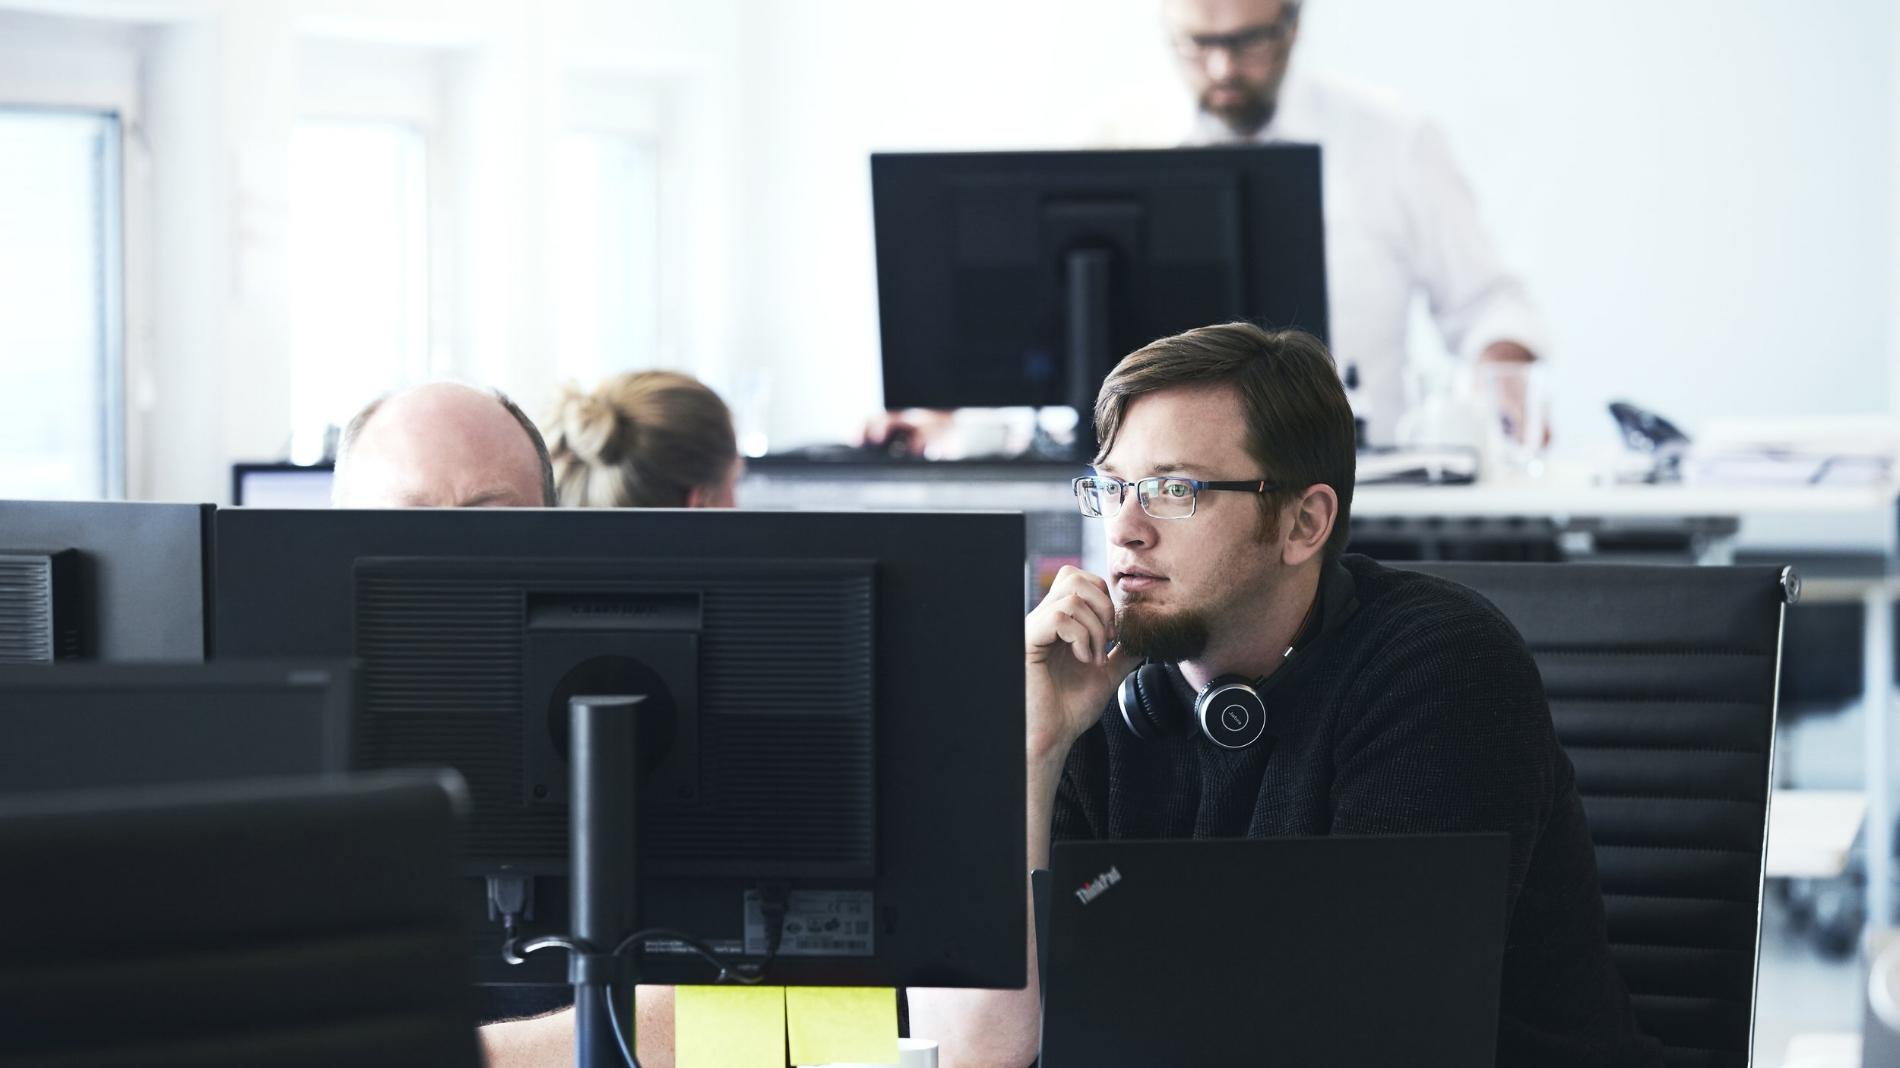 Drift - Vi er eksperter i IT-drift og tilbyder en unik kombination af praktisk erfaring og ekspertise. Vi kan rådgive eller overtage driften. Uanset, hvad I vælger, sparer I tid og ressourcer.